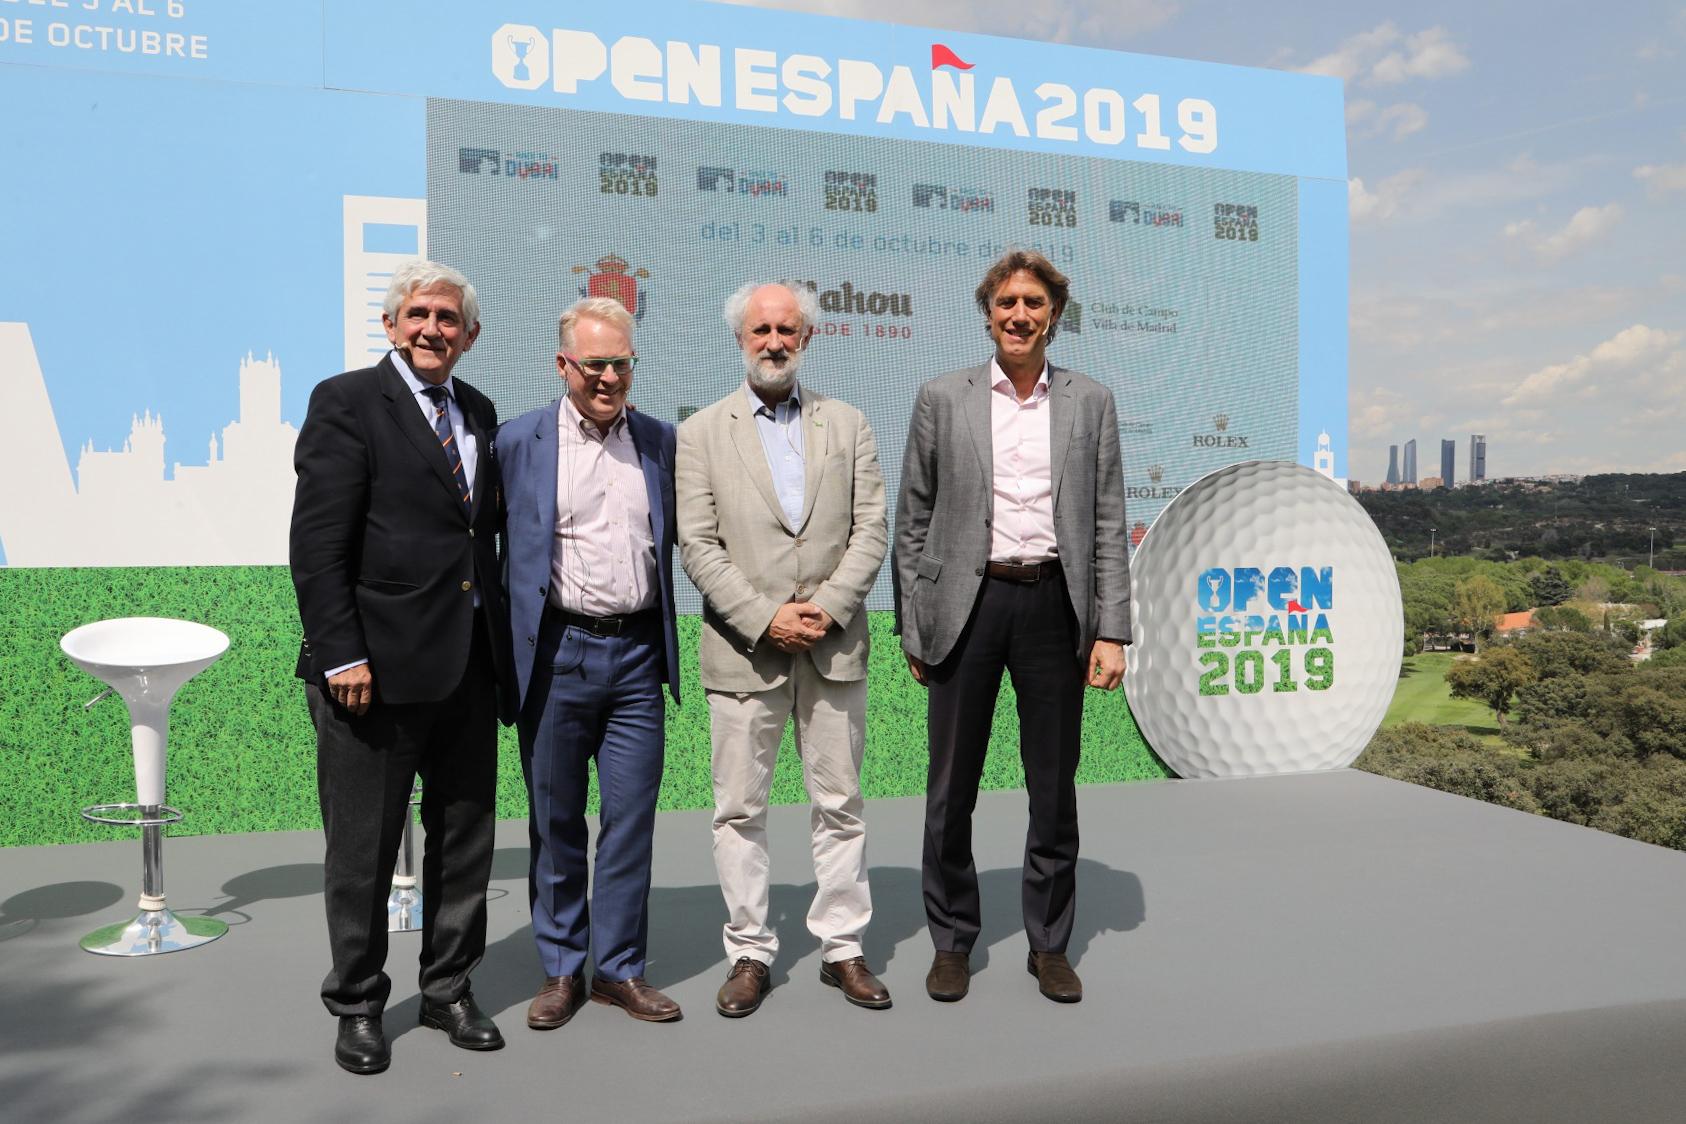 Gonzaga Escauriaza, Keith Pelley, Luis Cueto y Gerard Tsobanian en el acto de presentación. Foto: Miguel Ros